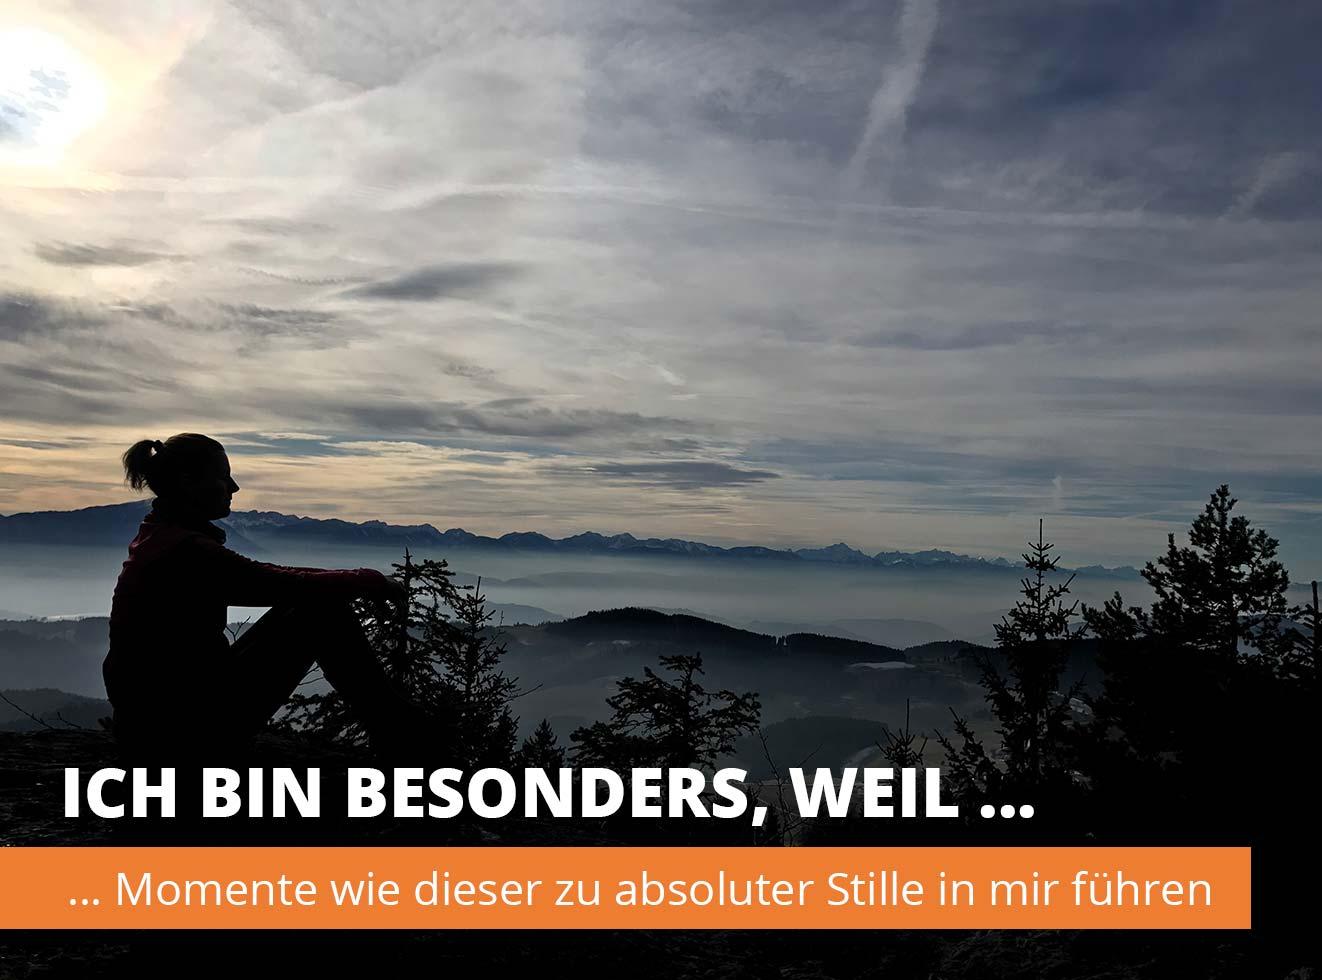 beste-werbeagentur-nürnberg-besonders-sein-daniela-koehler